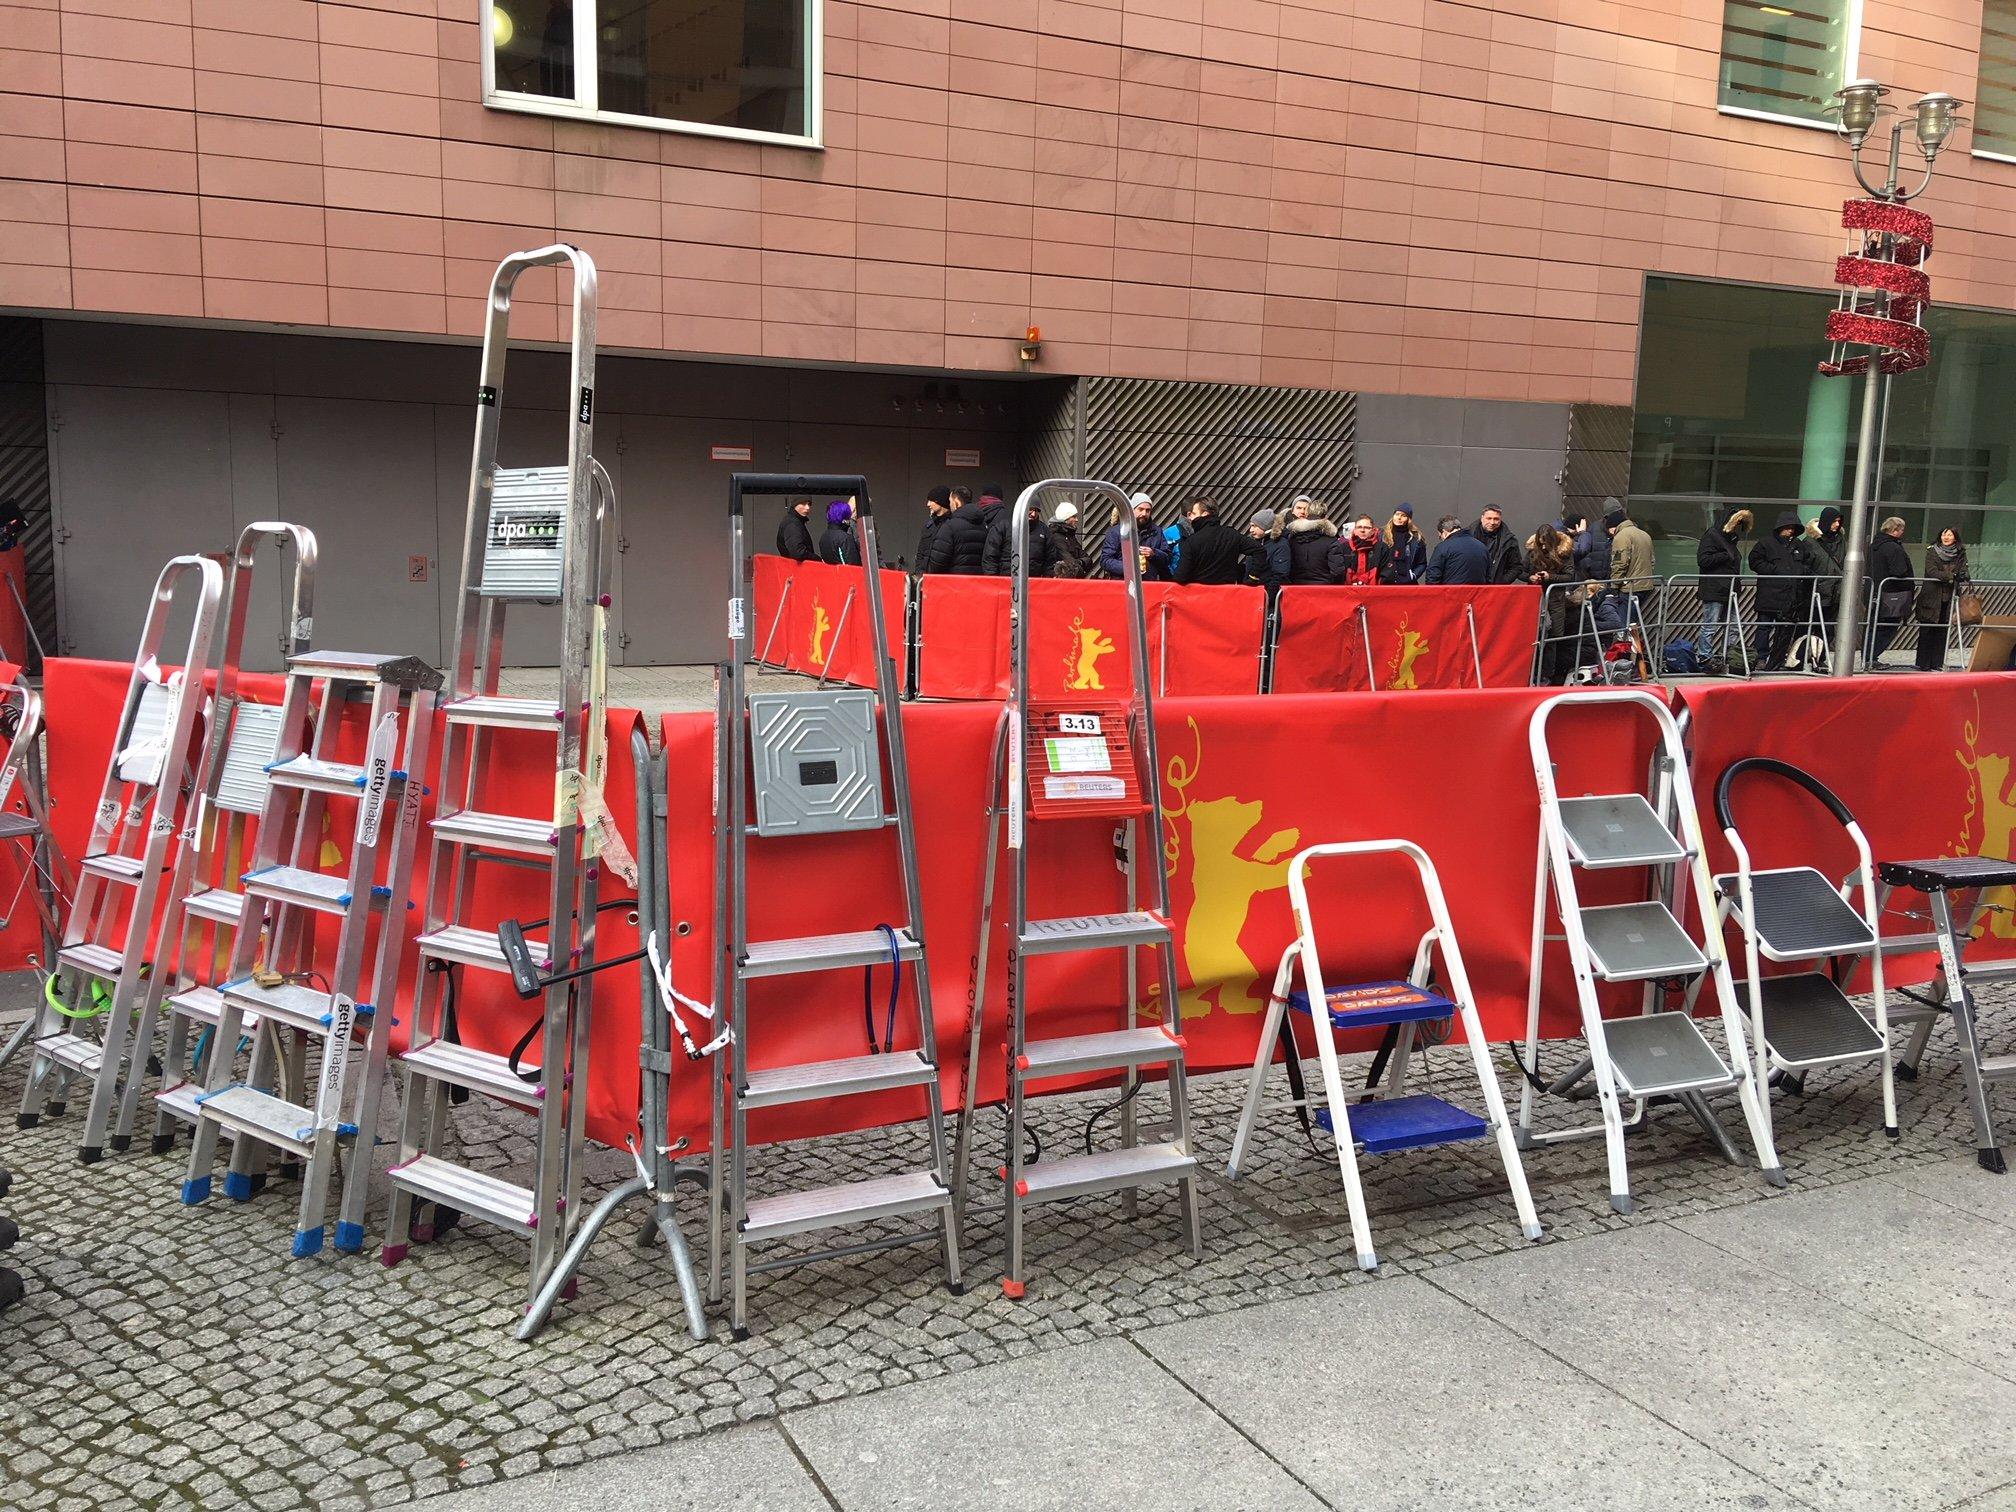 Leitern von Papparazzis bei der Berlinale (Foto: Michael Brake)